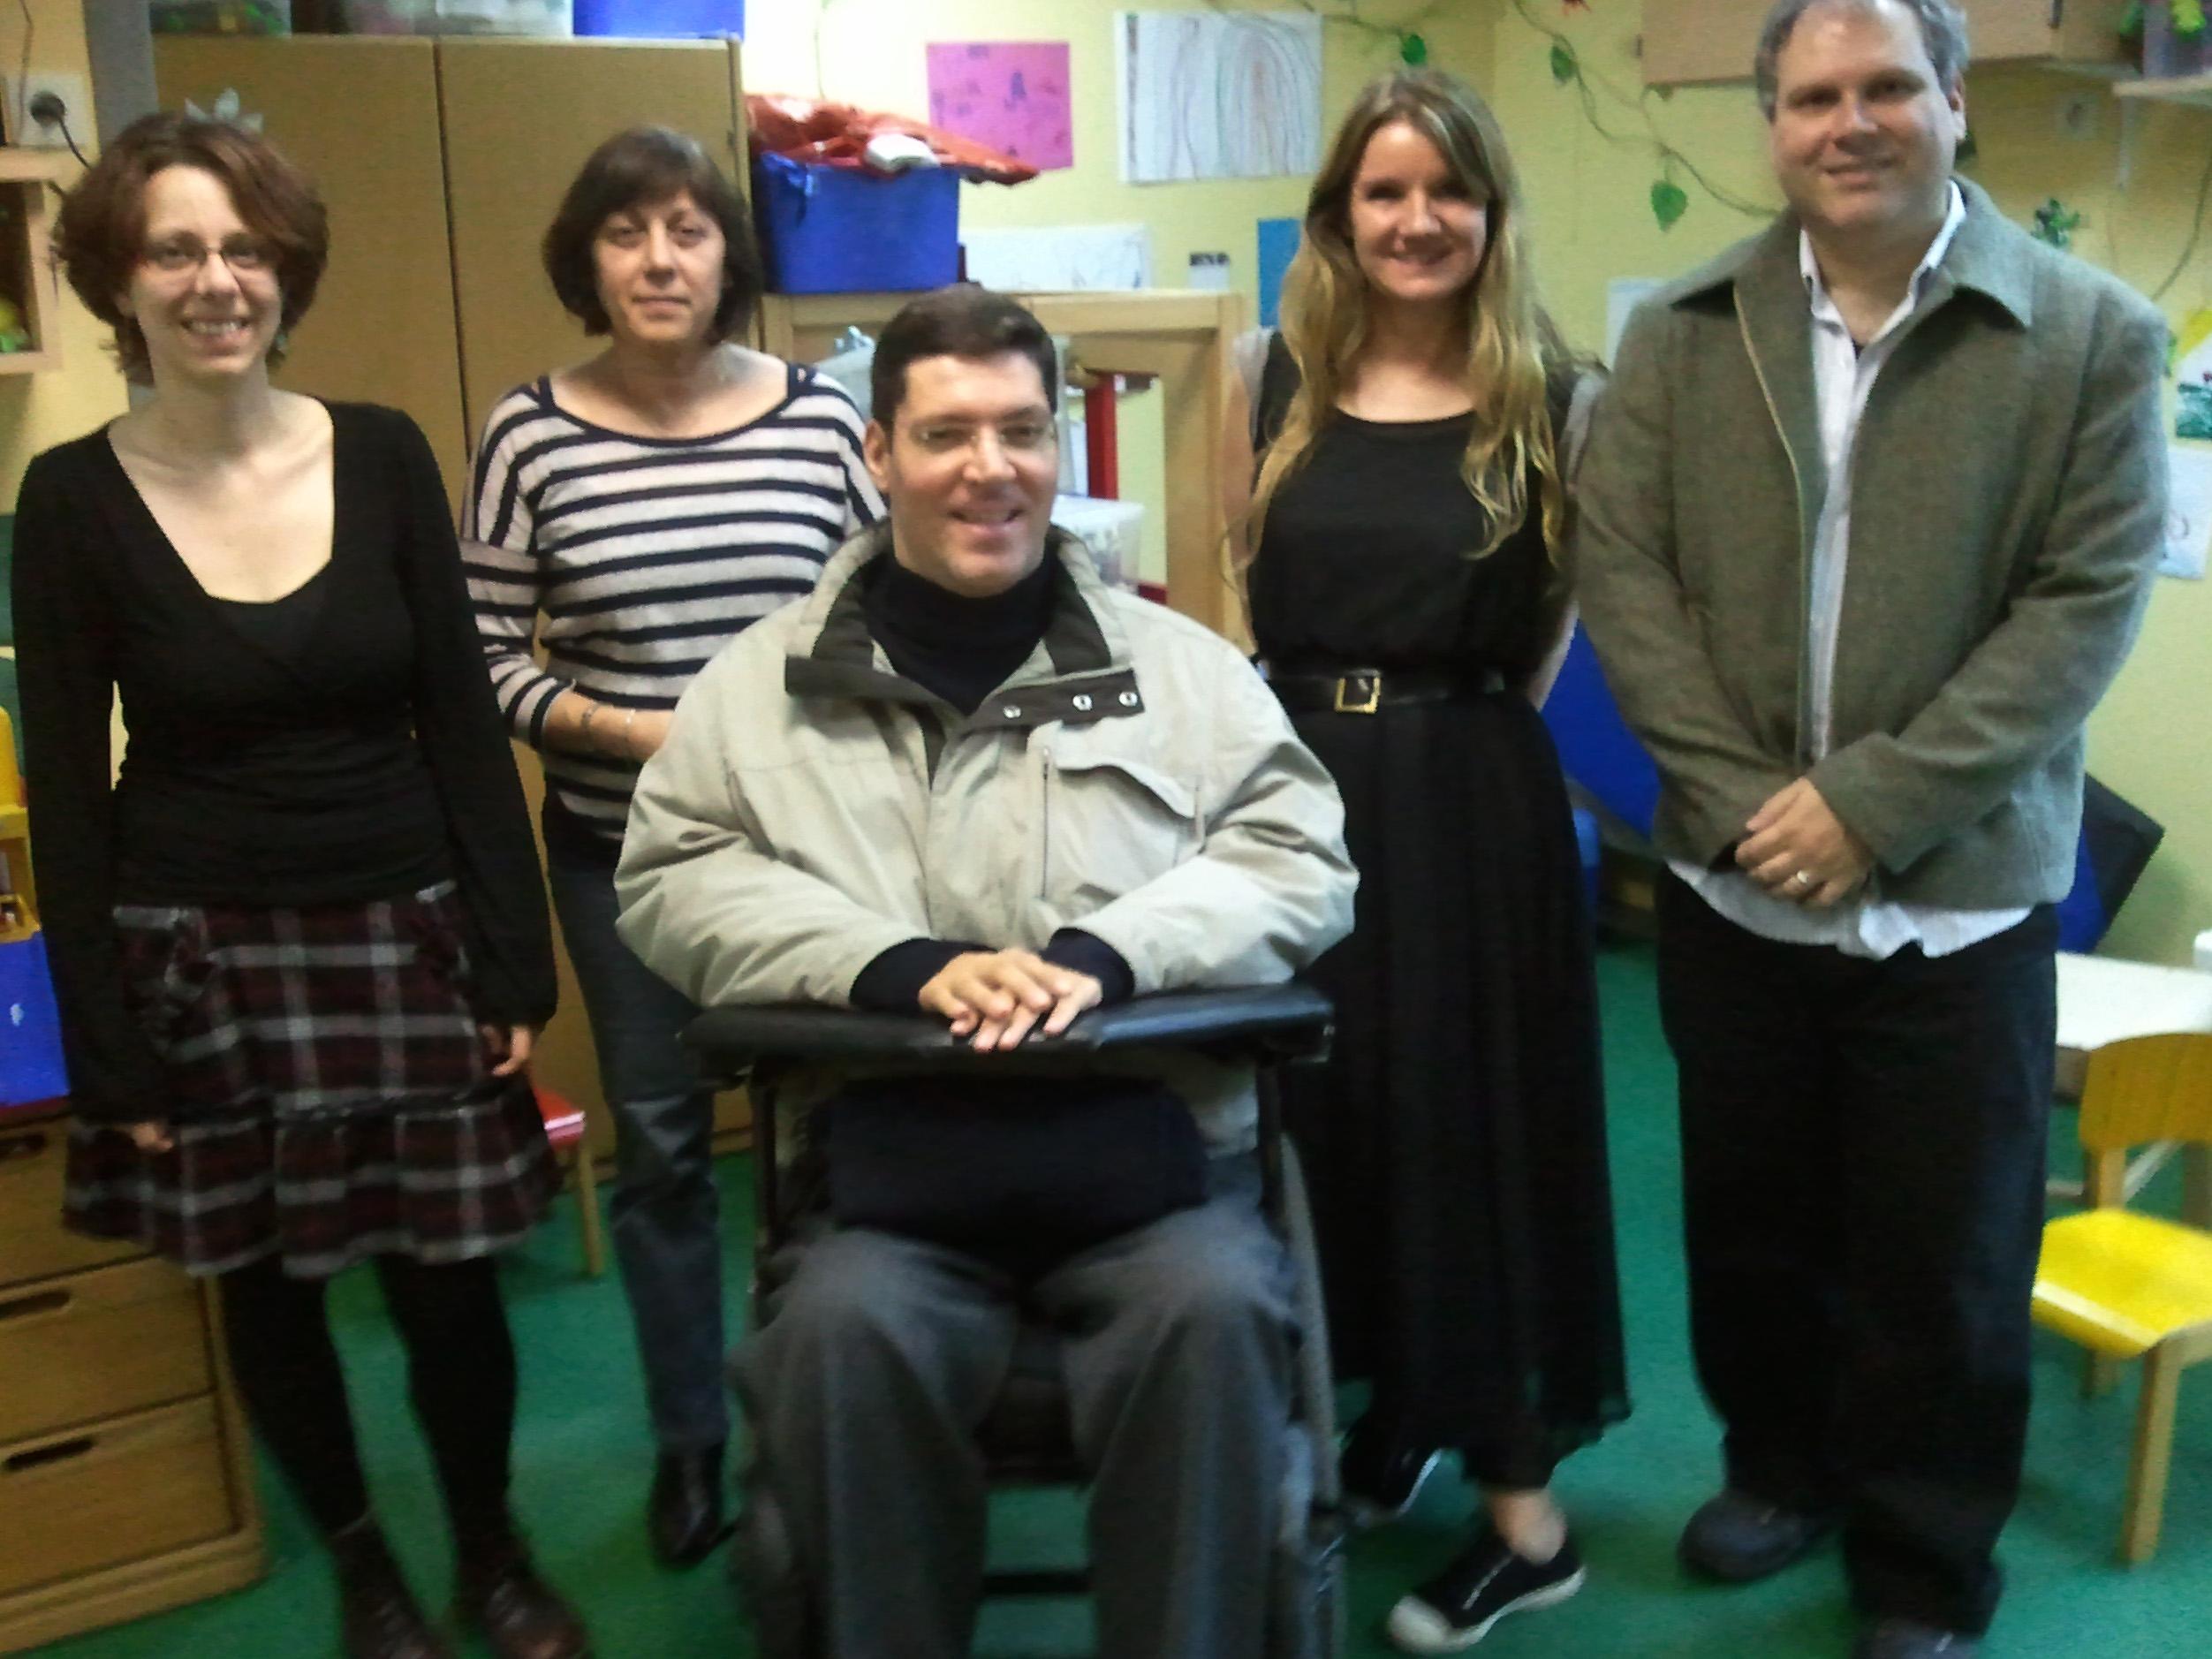 Dentro de sala de aula, três mulheres e dois homens posam de pé para a foto. Em destaque e ao centro, está Rodrigo. Ao fundo, cadeiras infantis coloridas, um armário e alguns desenhos colados na parede da sala.